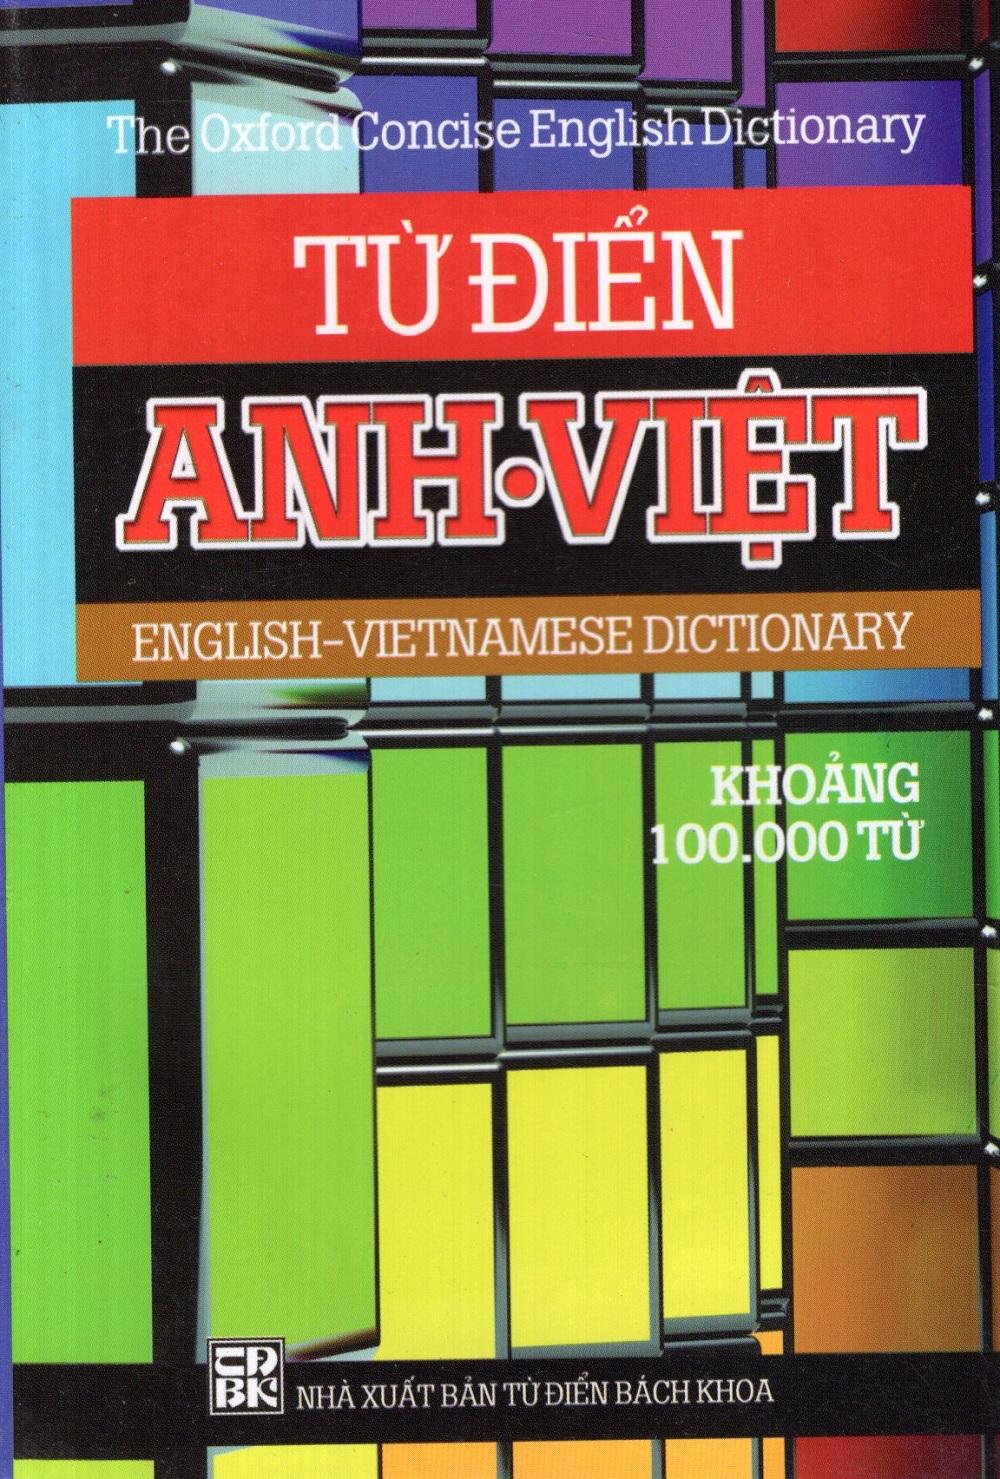 Bìa sách Từ Điển Anh - Việt (100.000 Từ) - Sách Bỏ Túi